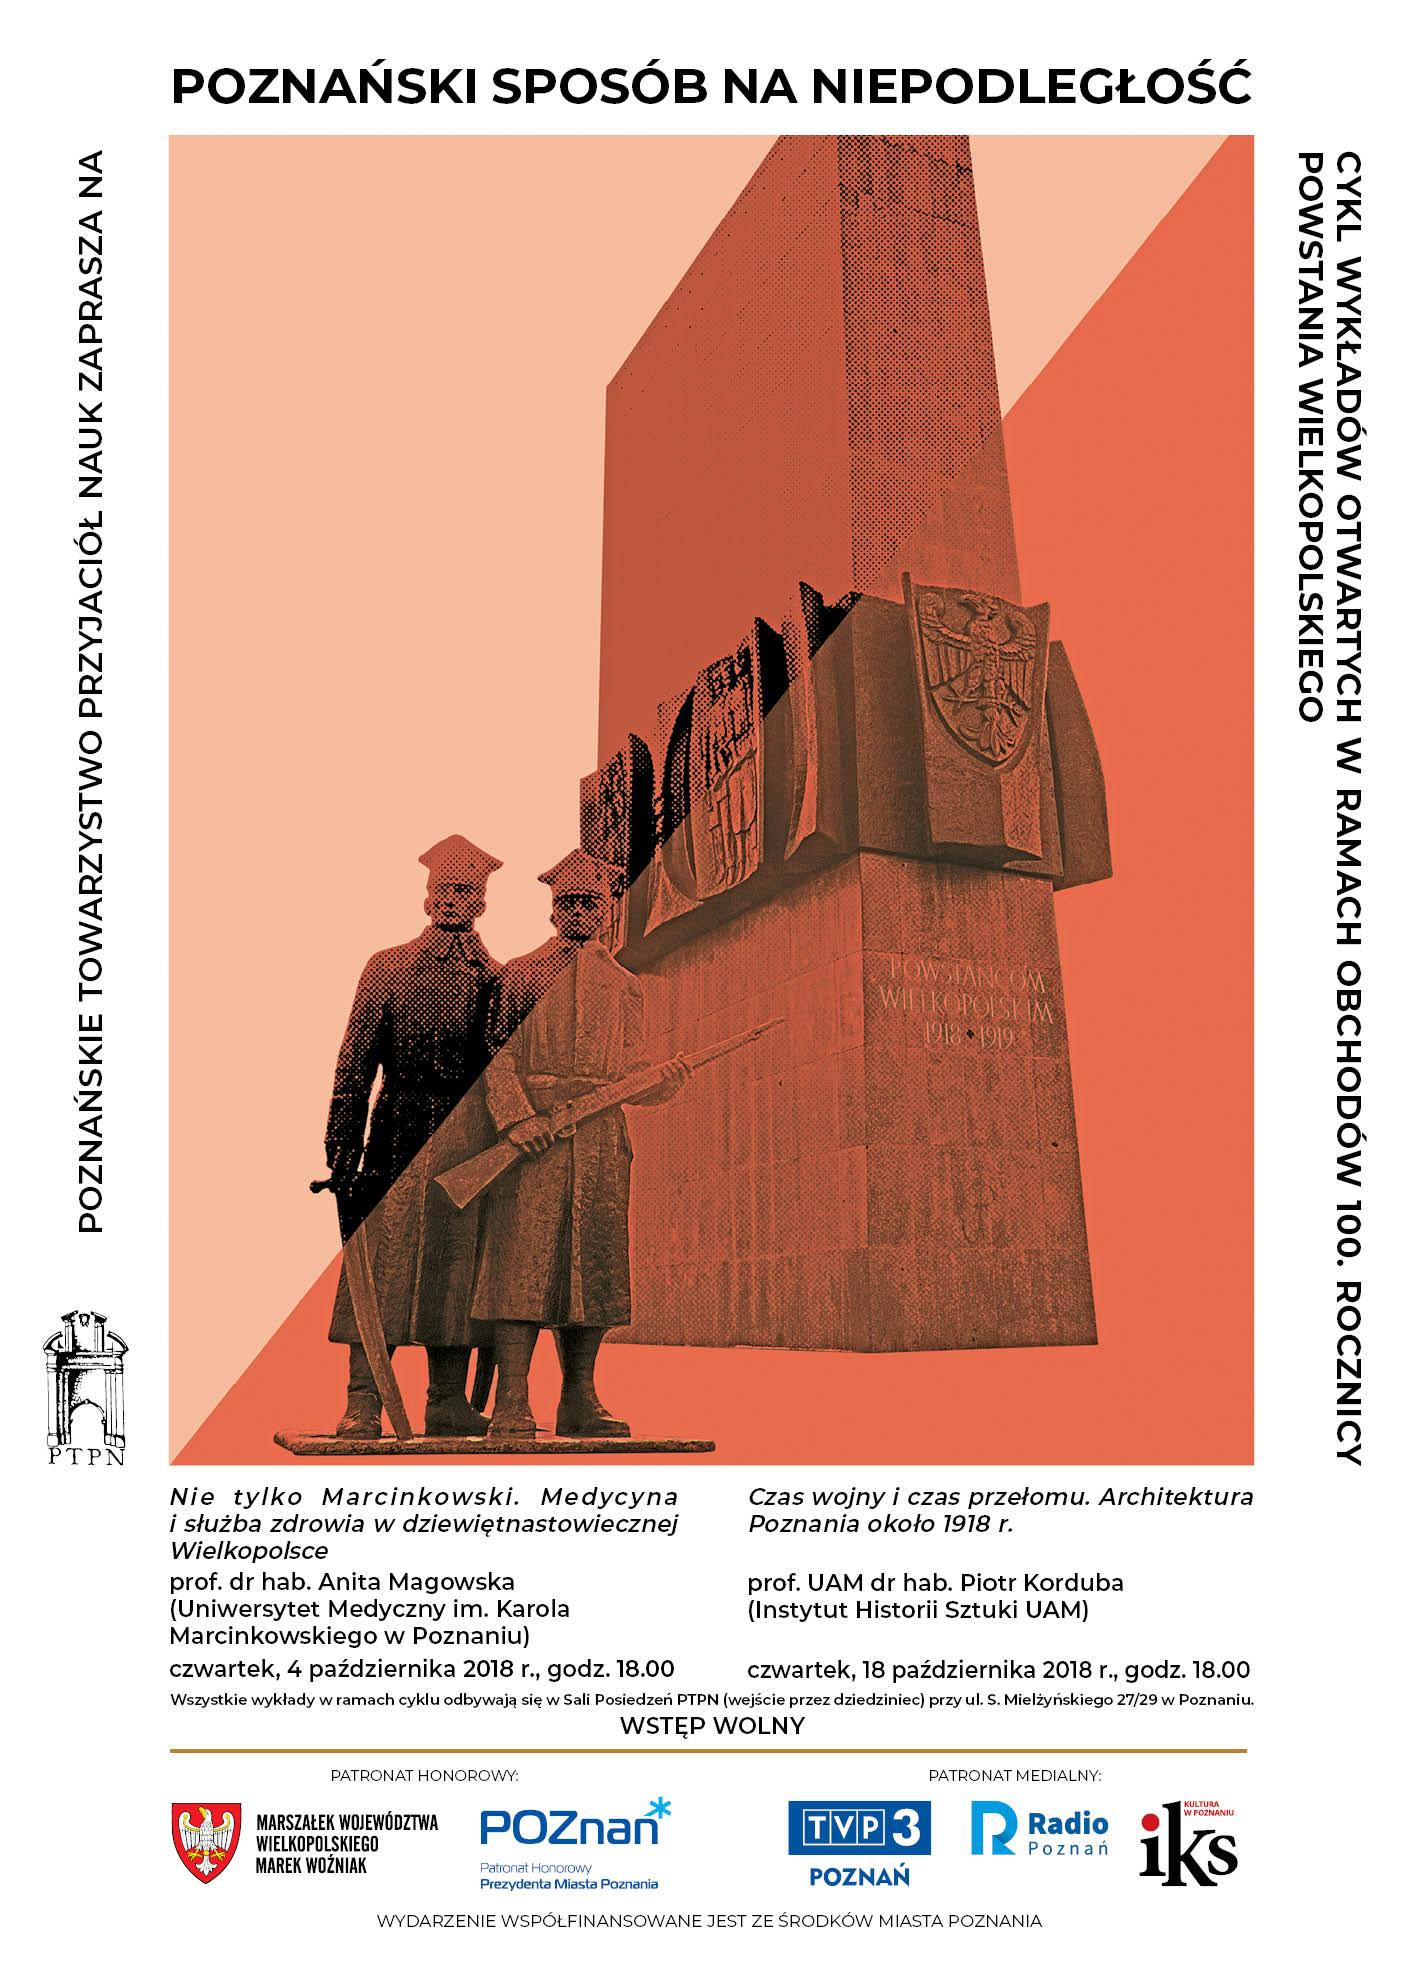 """POZNAŃSKI SPOSÓB NA NIEPODLEGŁOŚĆ, wykład pt. """"Czas wojny i czas przełomu. Architektura Poznania około 1918 roku"""""""